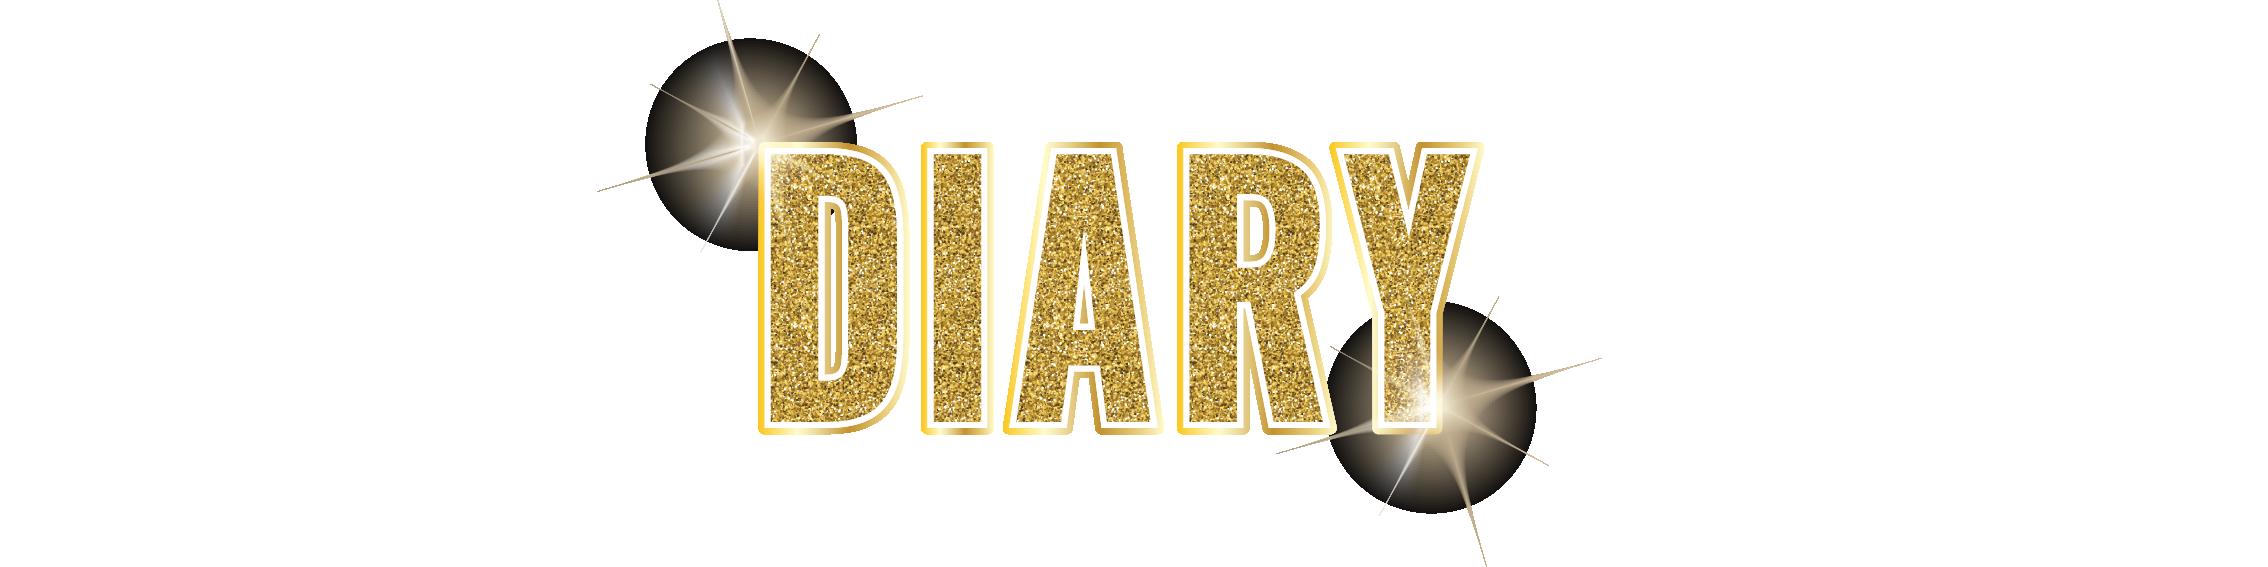 DIARY_heading